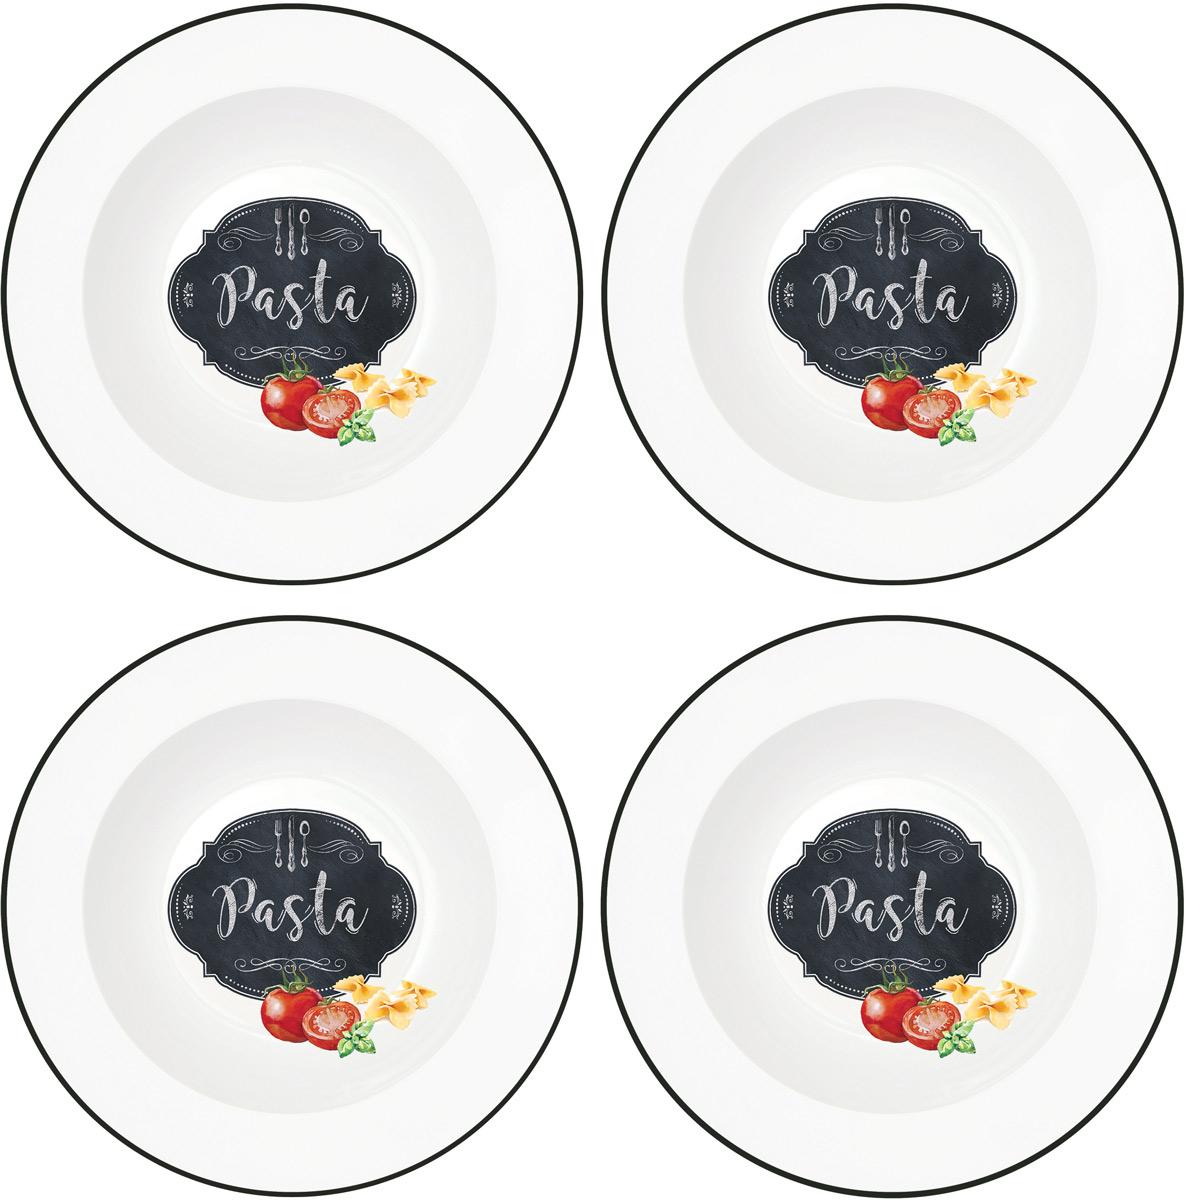 Набор тарелок Easy Life Кухня в стиле Ретро, 4 штEL-R0819/KIBPИтальянская компания Easy Life (Nuova R2S) - является лидером производства кухонной посуды и аксессуаров для дома в Италии. Центральный офис компании находится в Италии, производство расположено в Италии и Китае. Концепция выпускаемой продукции заключается в создании единой дизайнерской линии предметов сервировки стола, оформления интерьера кухни или столовой комнаты. Вся продукция производится из современных и экологически чистых материалов: фарфора, стекла, пластика и дерева. Продукция компании Easy Life (Nuova R2S) отличается современным дизайном, и легкостью в эксплуатации. Компания работает в тесном сотрудничестве с лучшими итальянскими художниками и дизайнерами. Важным преимуществом этой фабрики, является оригинальная подарочная упаковка. Продукция компании Easy Life (Nuova R2S) не только современный подарок и украшение для Вашего дома, но и всегда неисчерпаемое количество идей на Вашей кухне.